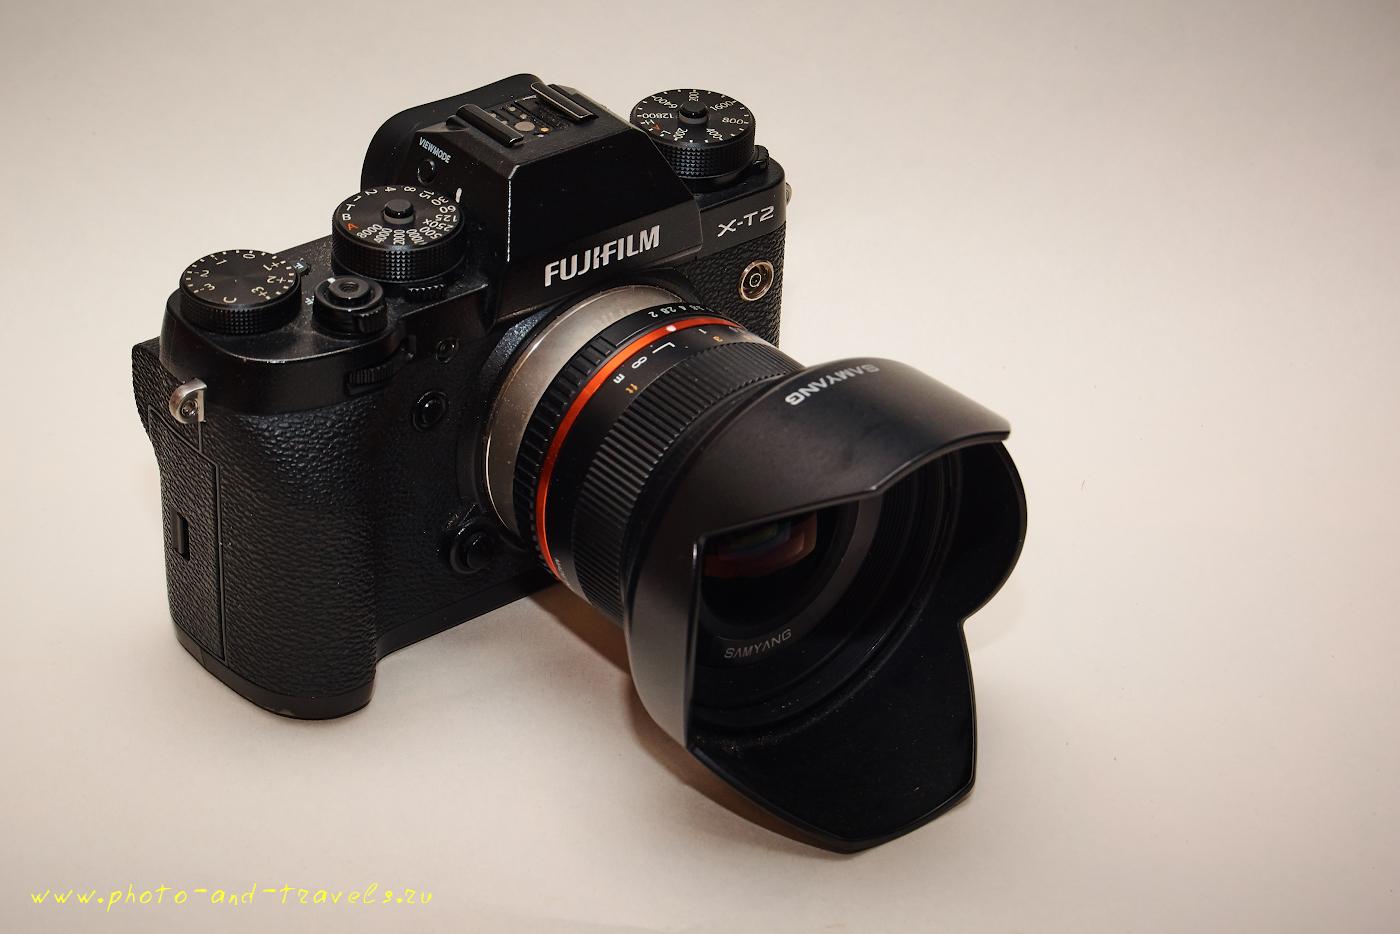 26. Вот как выглядит КРОПнутая камера Fujifilm X-T2 с навинченным на неё шириком Samyang 12mm f/2.0NCS CS. Система имеет небольшие габариты и вес, выдает отличное качество изображения. Смотрите тест в отдельной статье.